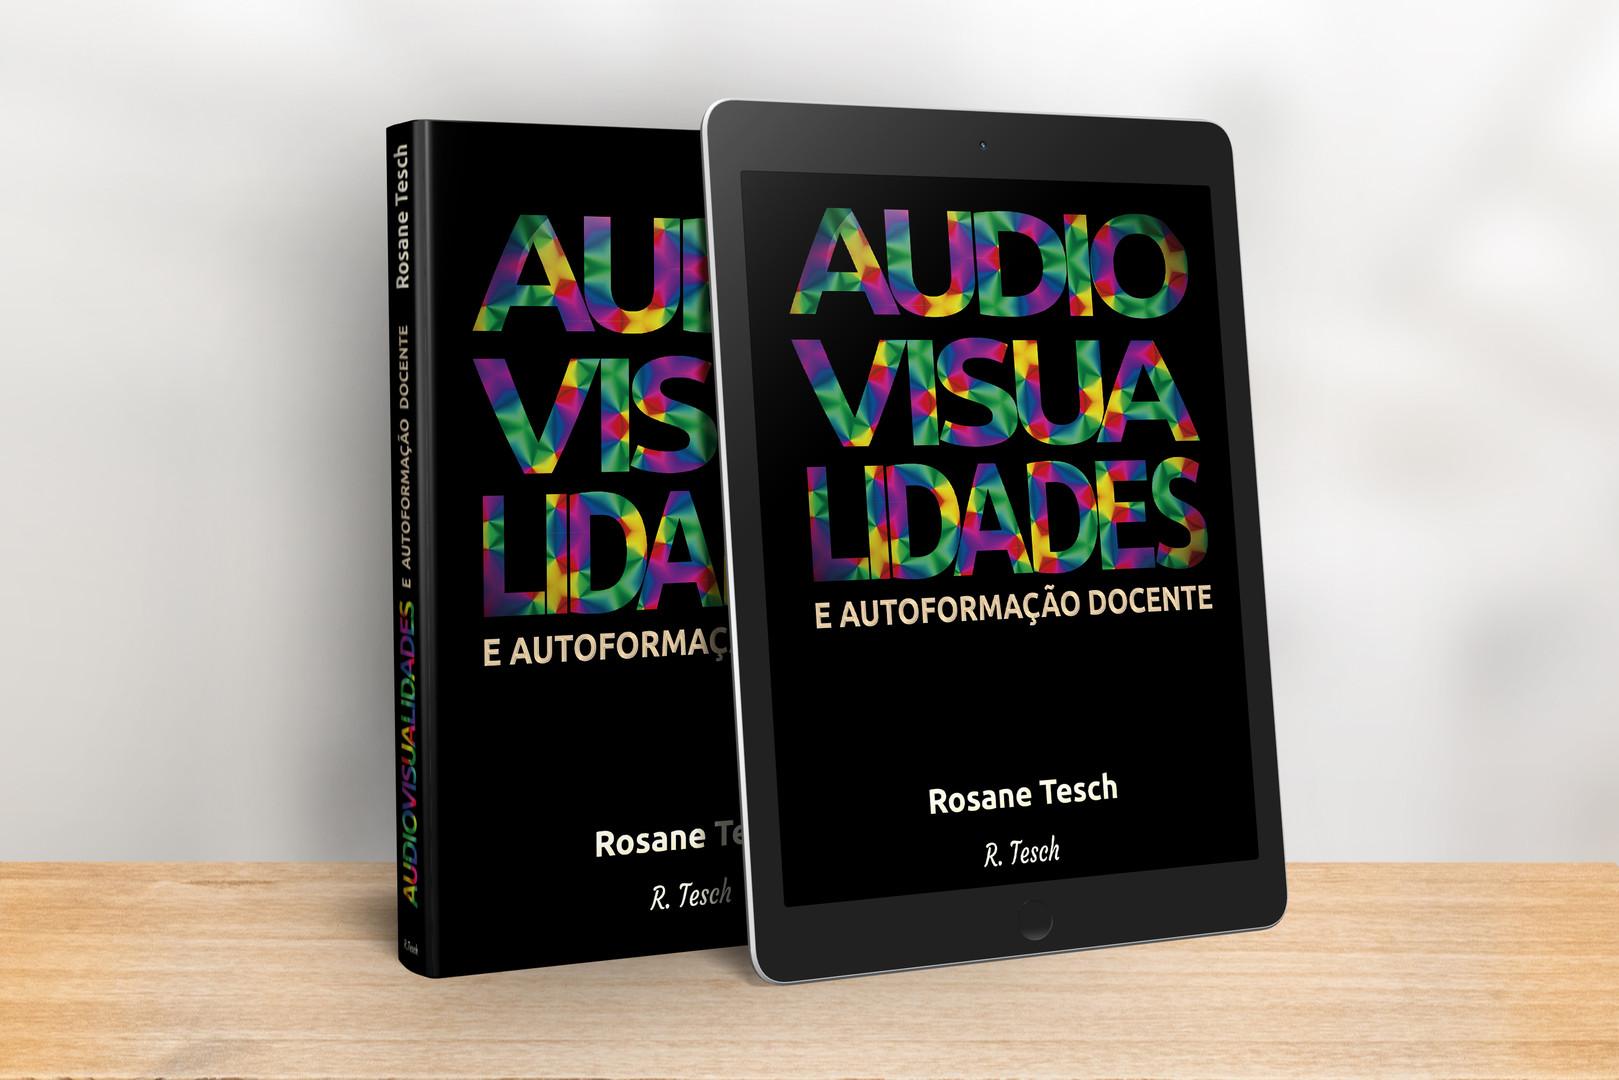 Audiovisualidades e Autoformação Docente